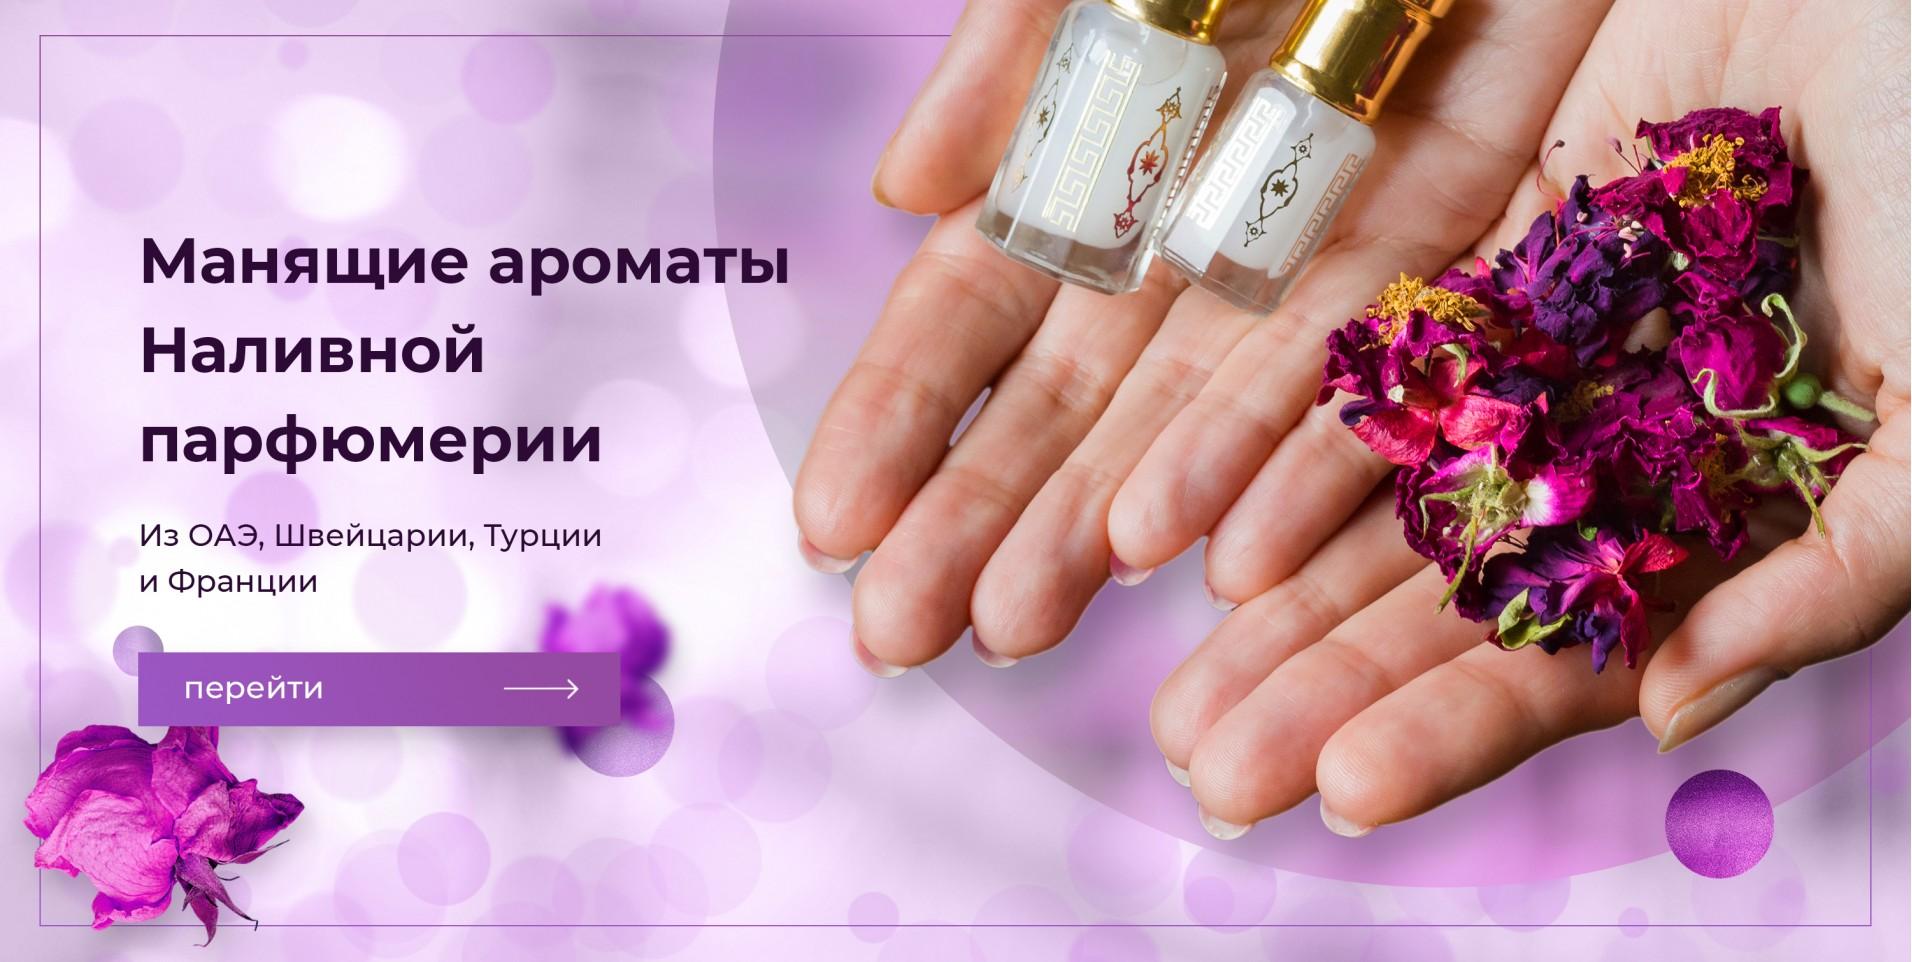 Стойкая и качественная наливная парфюмерия